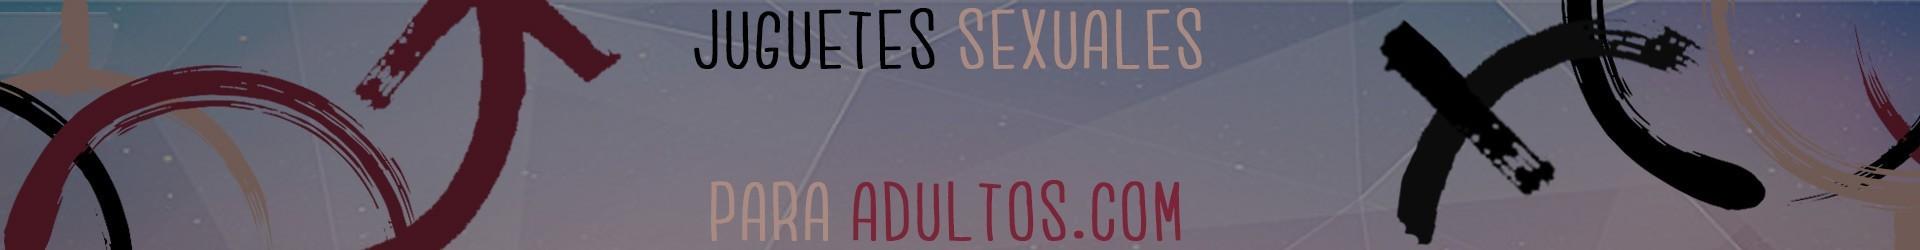 Sex Shop Juguetes Sexuales